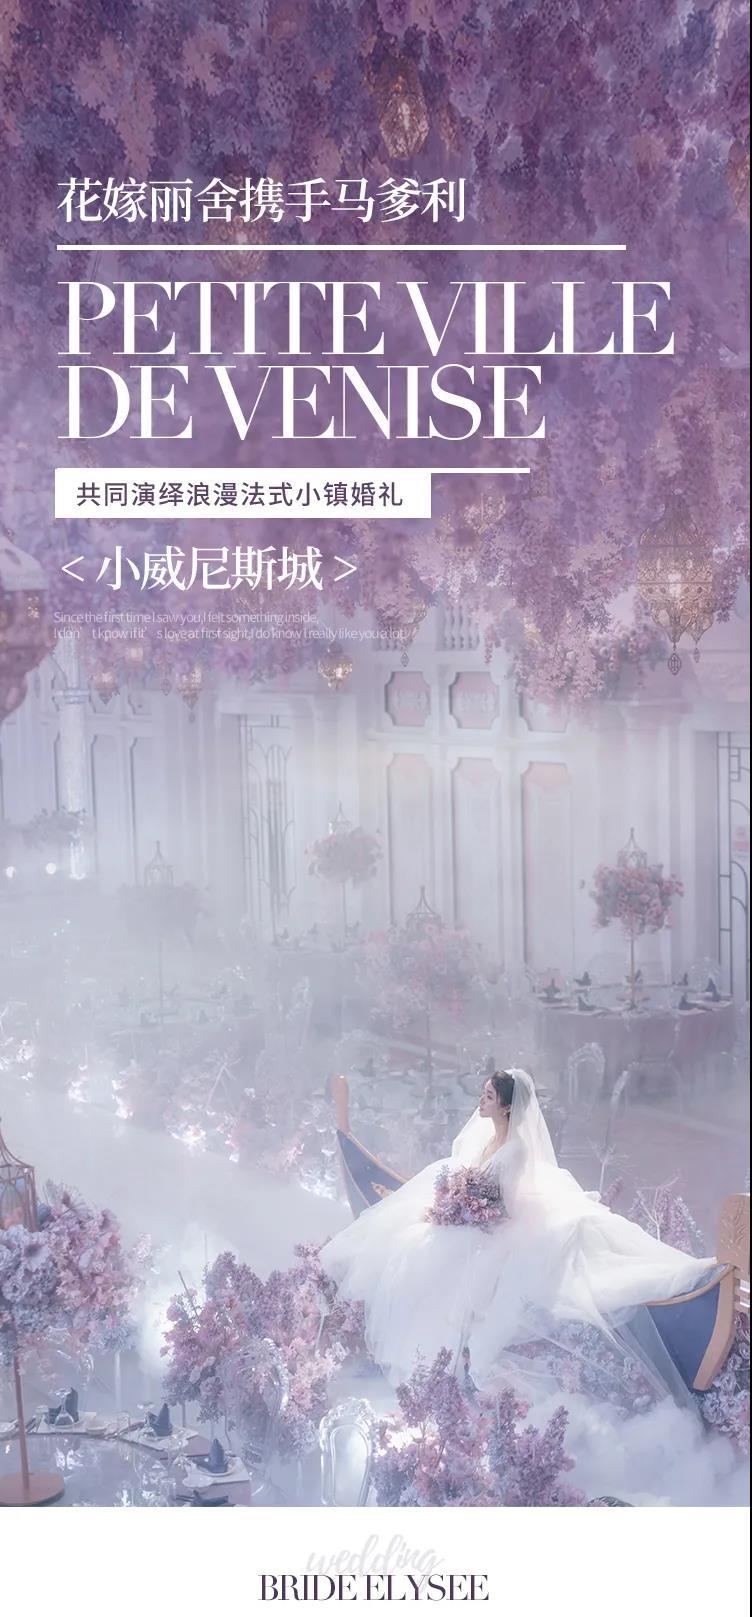 婚礼堂新品:浪漫法式小镇婚礼《小威尼斯城》  第1张